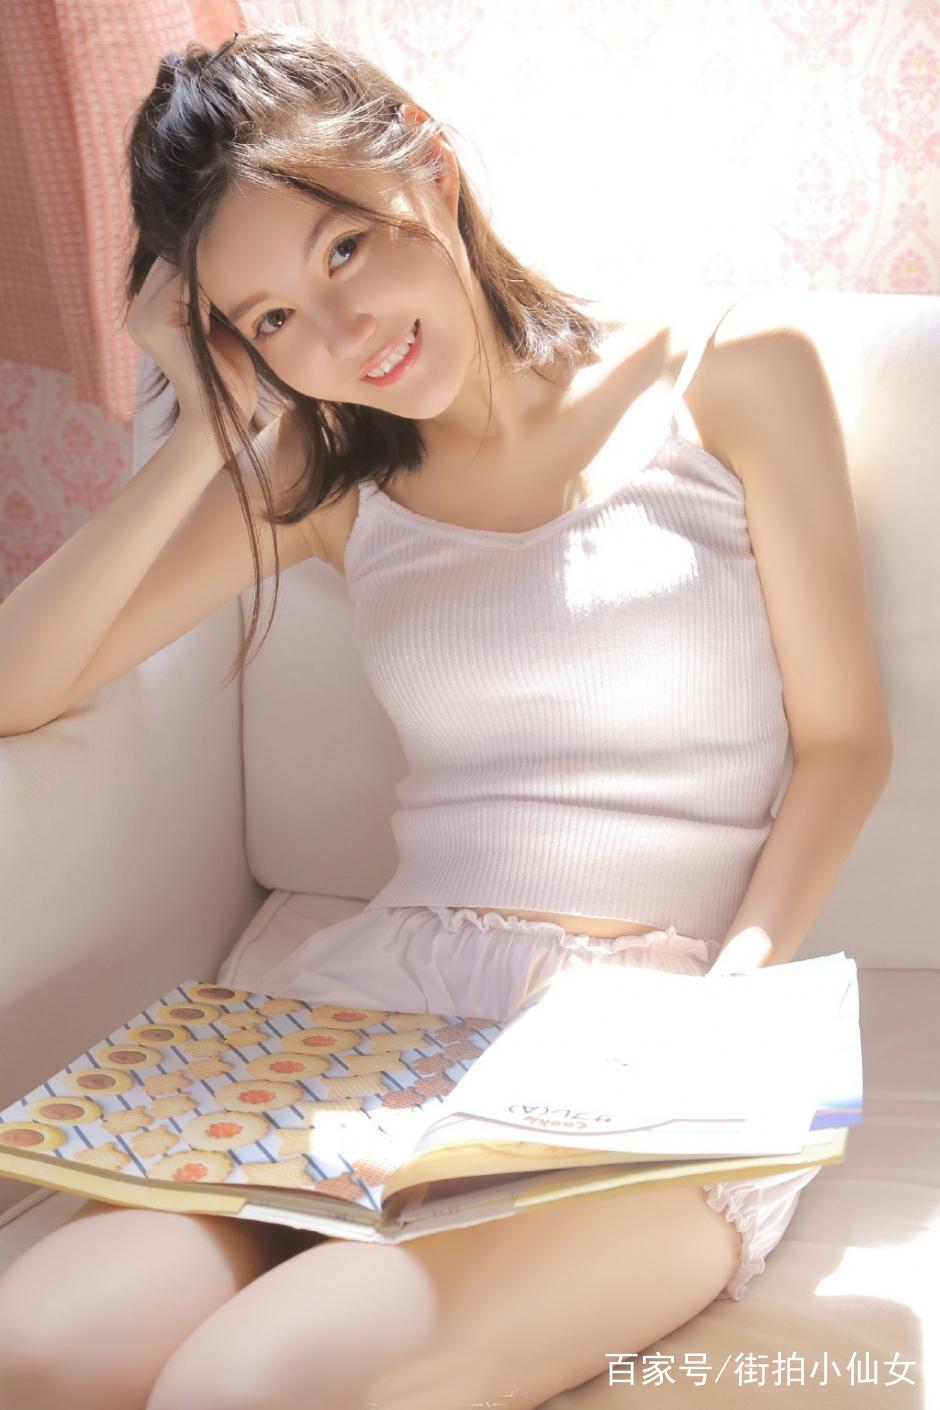 90后美女尤物格子长裙白皙美腿乌黑长发私房写真